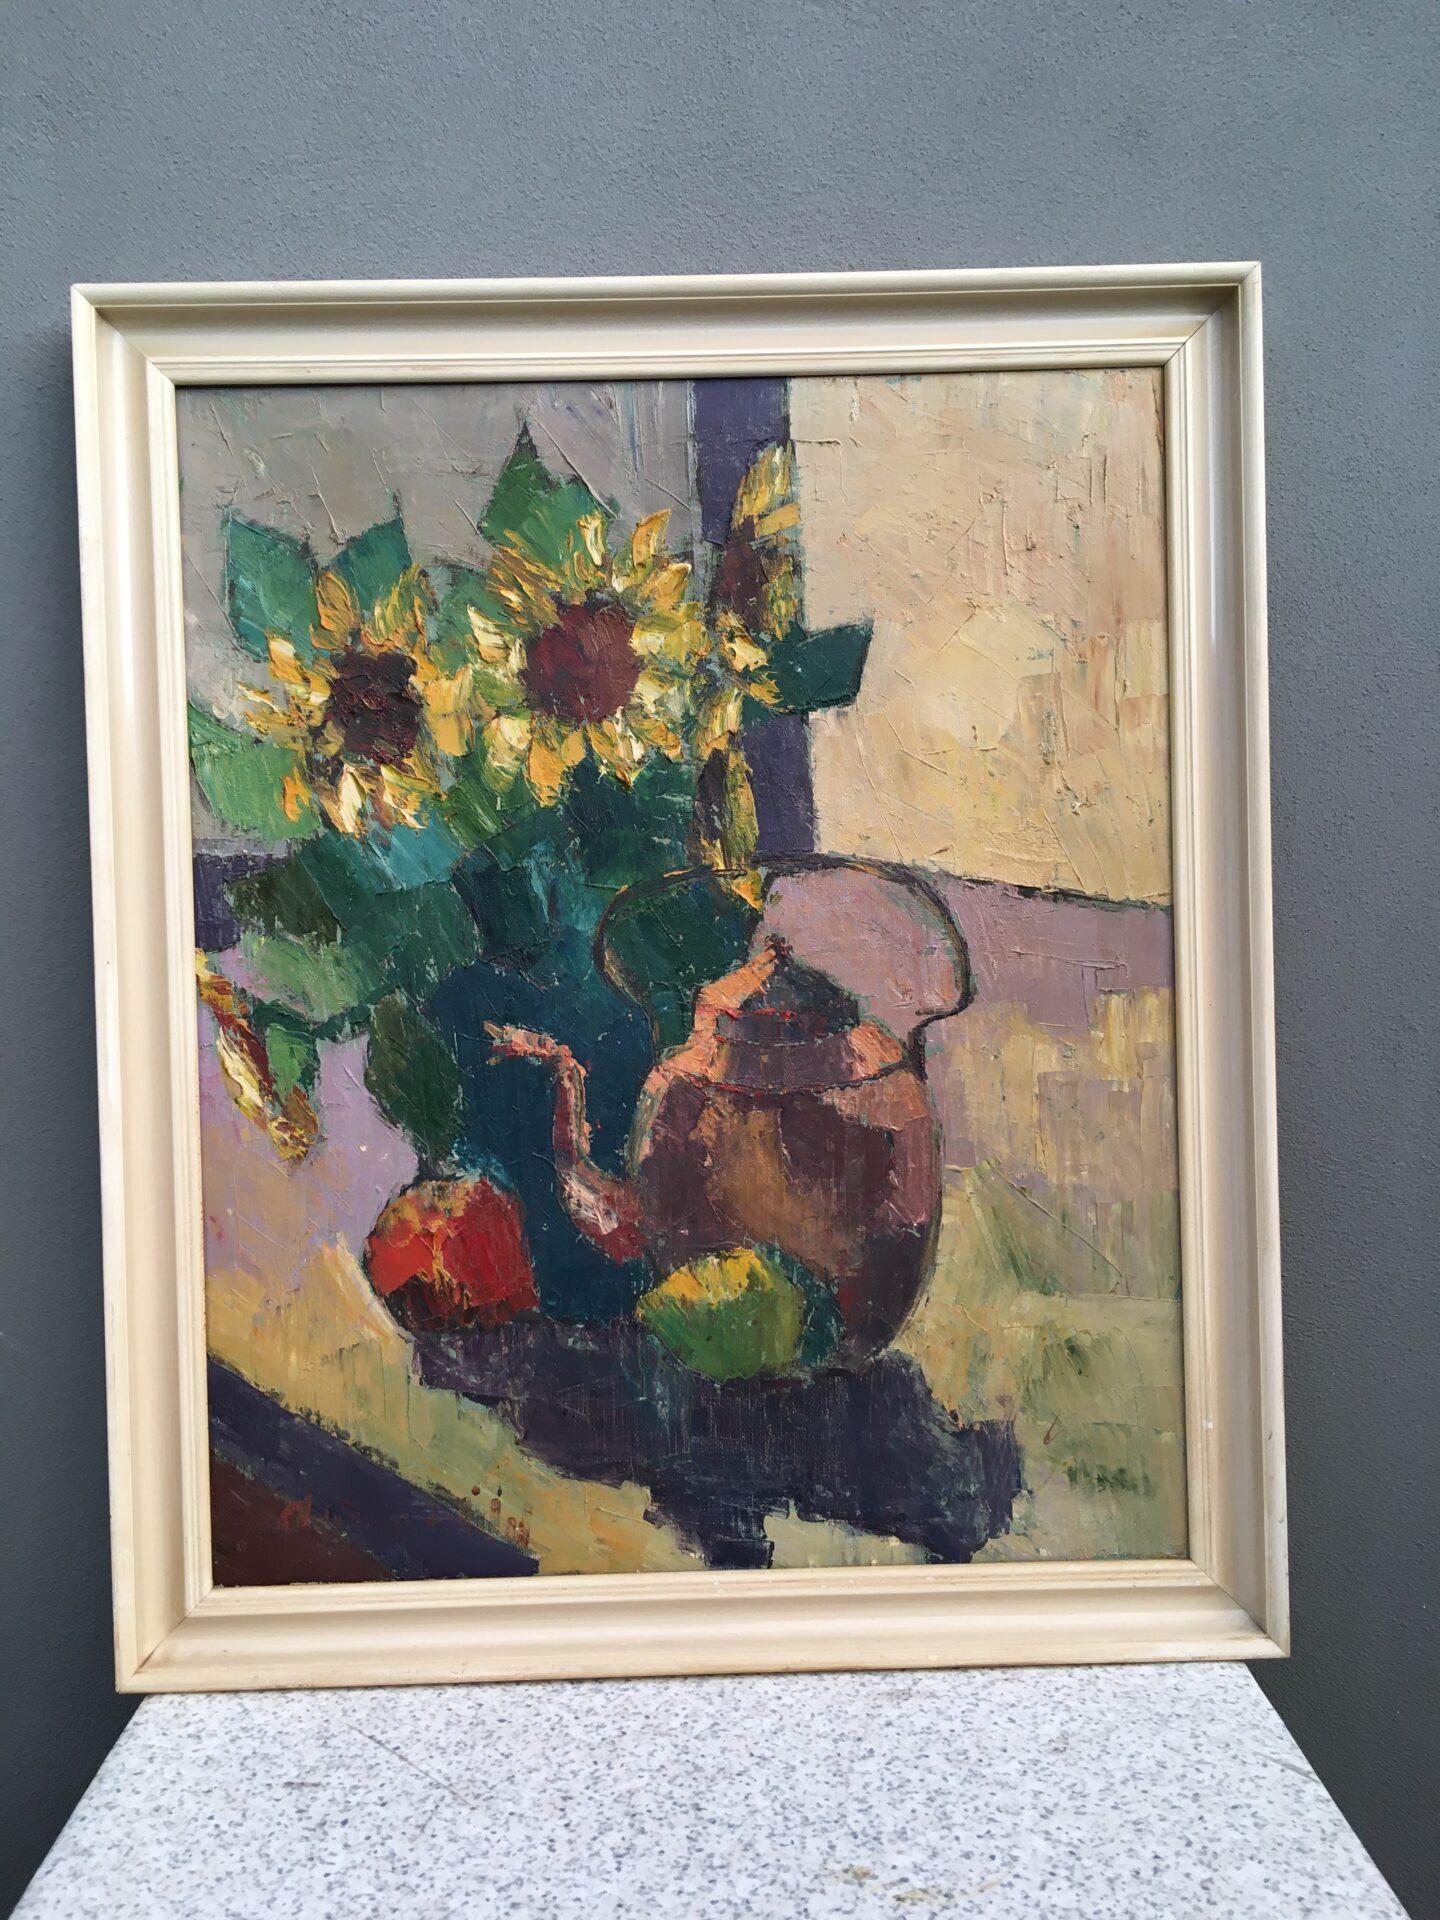 Maleri, utydeligt signeret, rammemål, 76x91 cm, pris 300kr